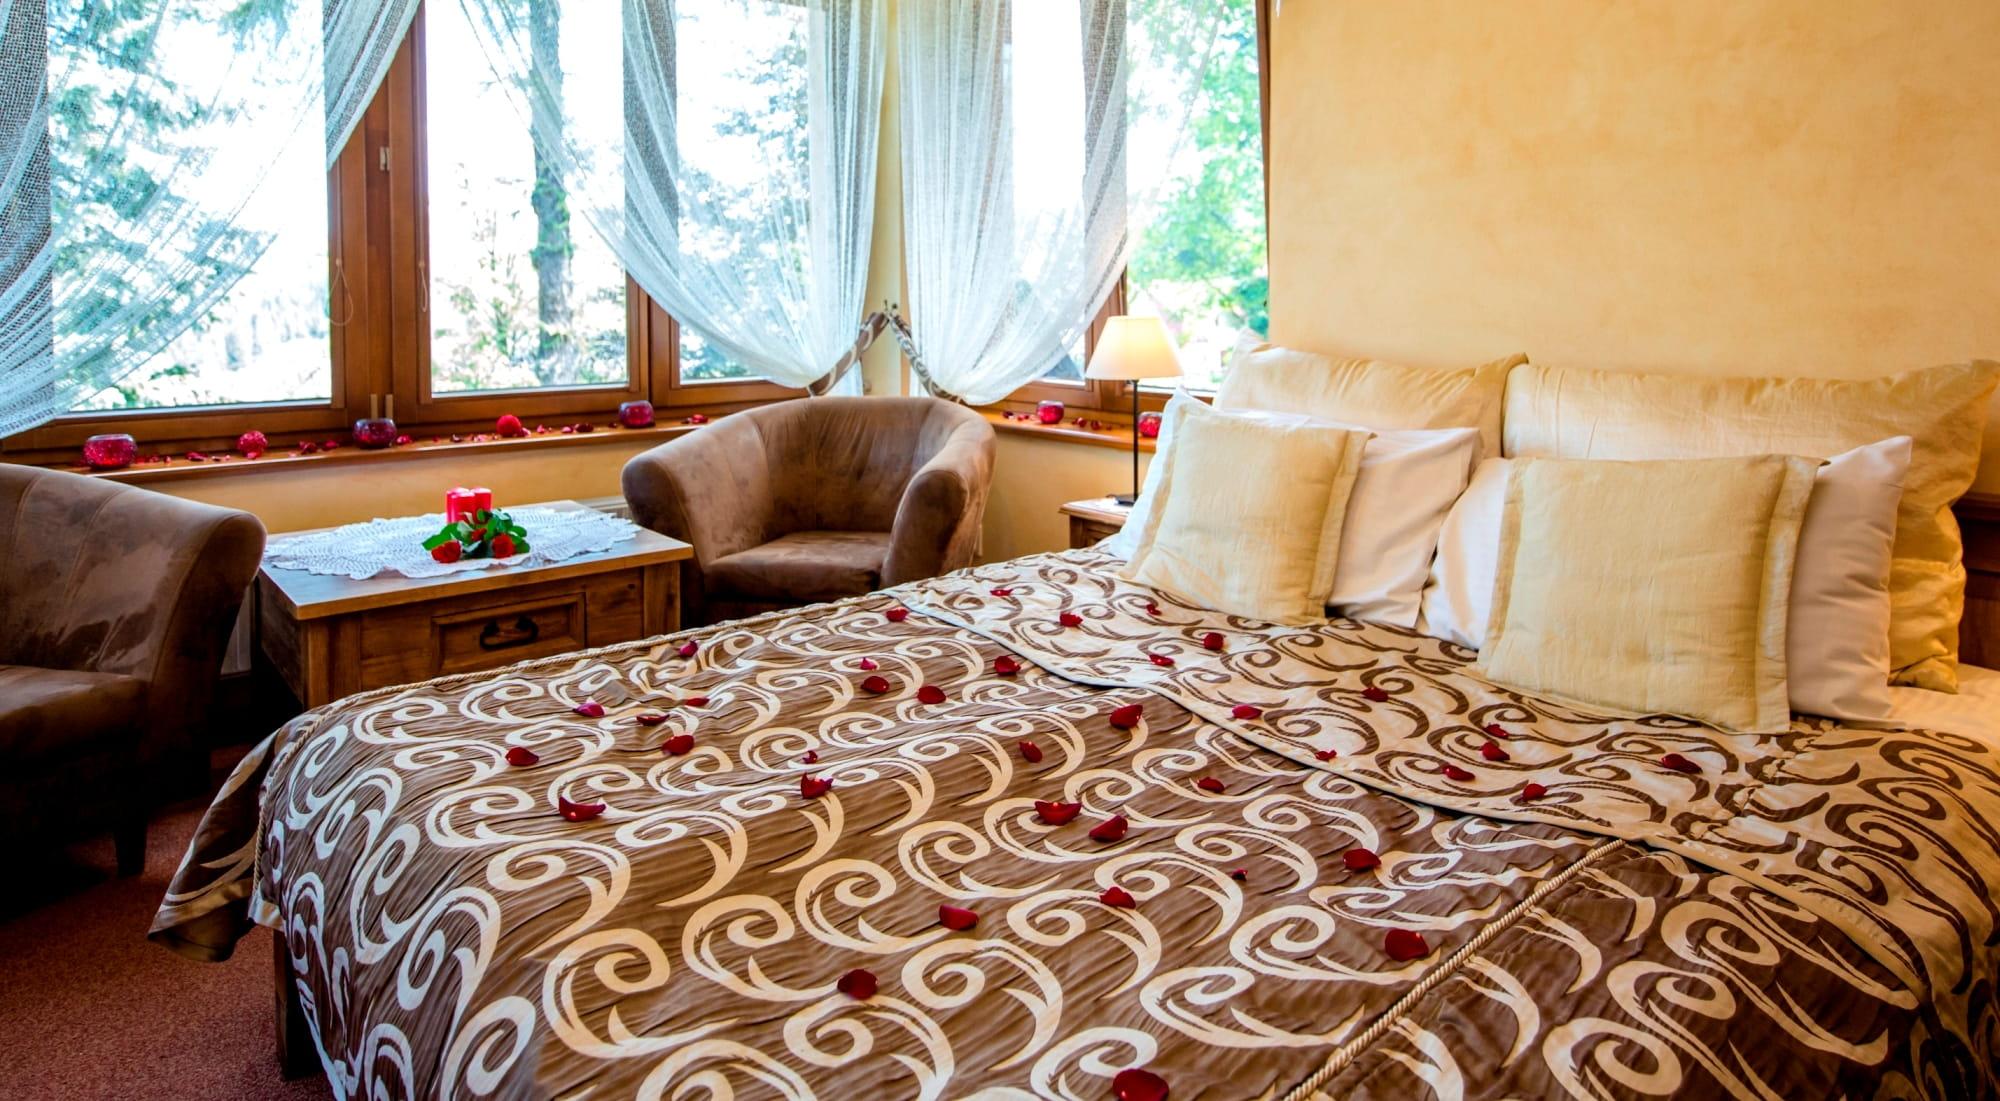 zakopane hotel dwór karolówka pokój romantyczny zakopane hotel romantic room